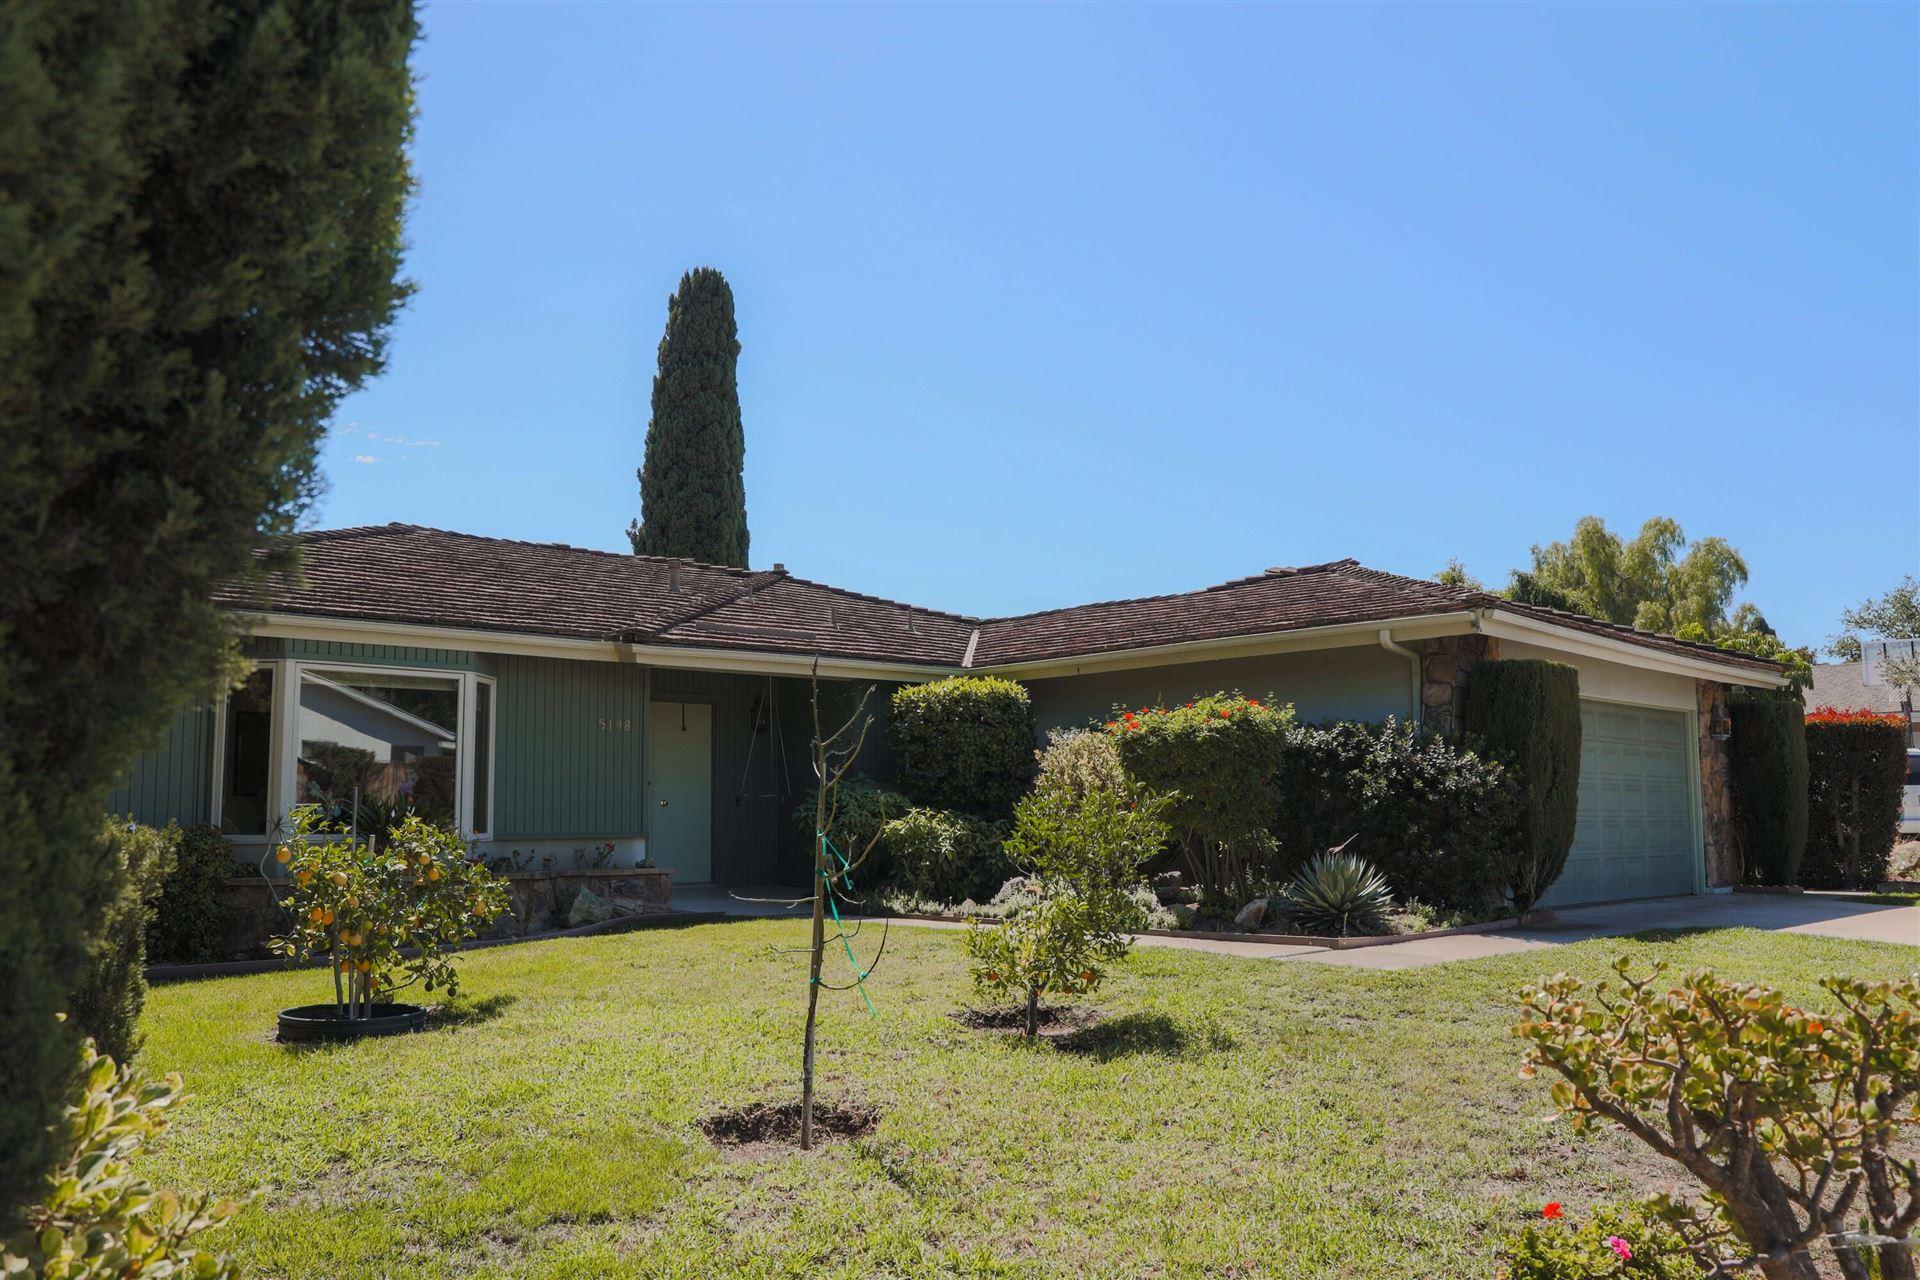 5198 Calle Asilo, Santa Barbara, CA 93111 - MLS#: 21-3405